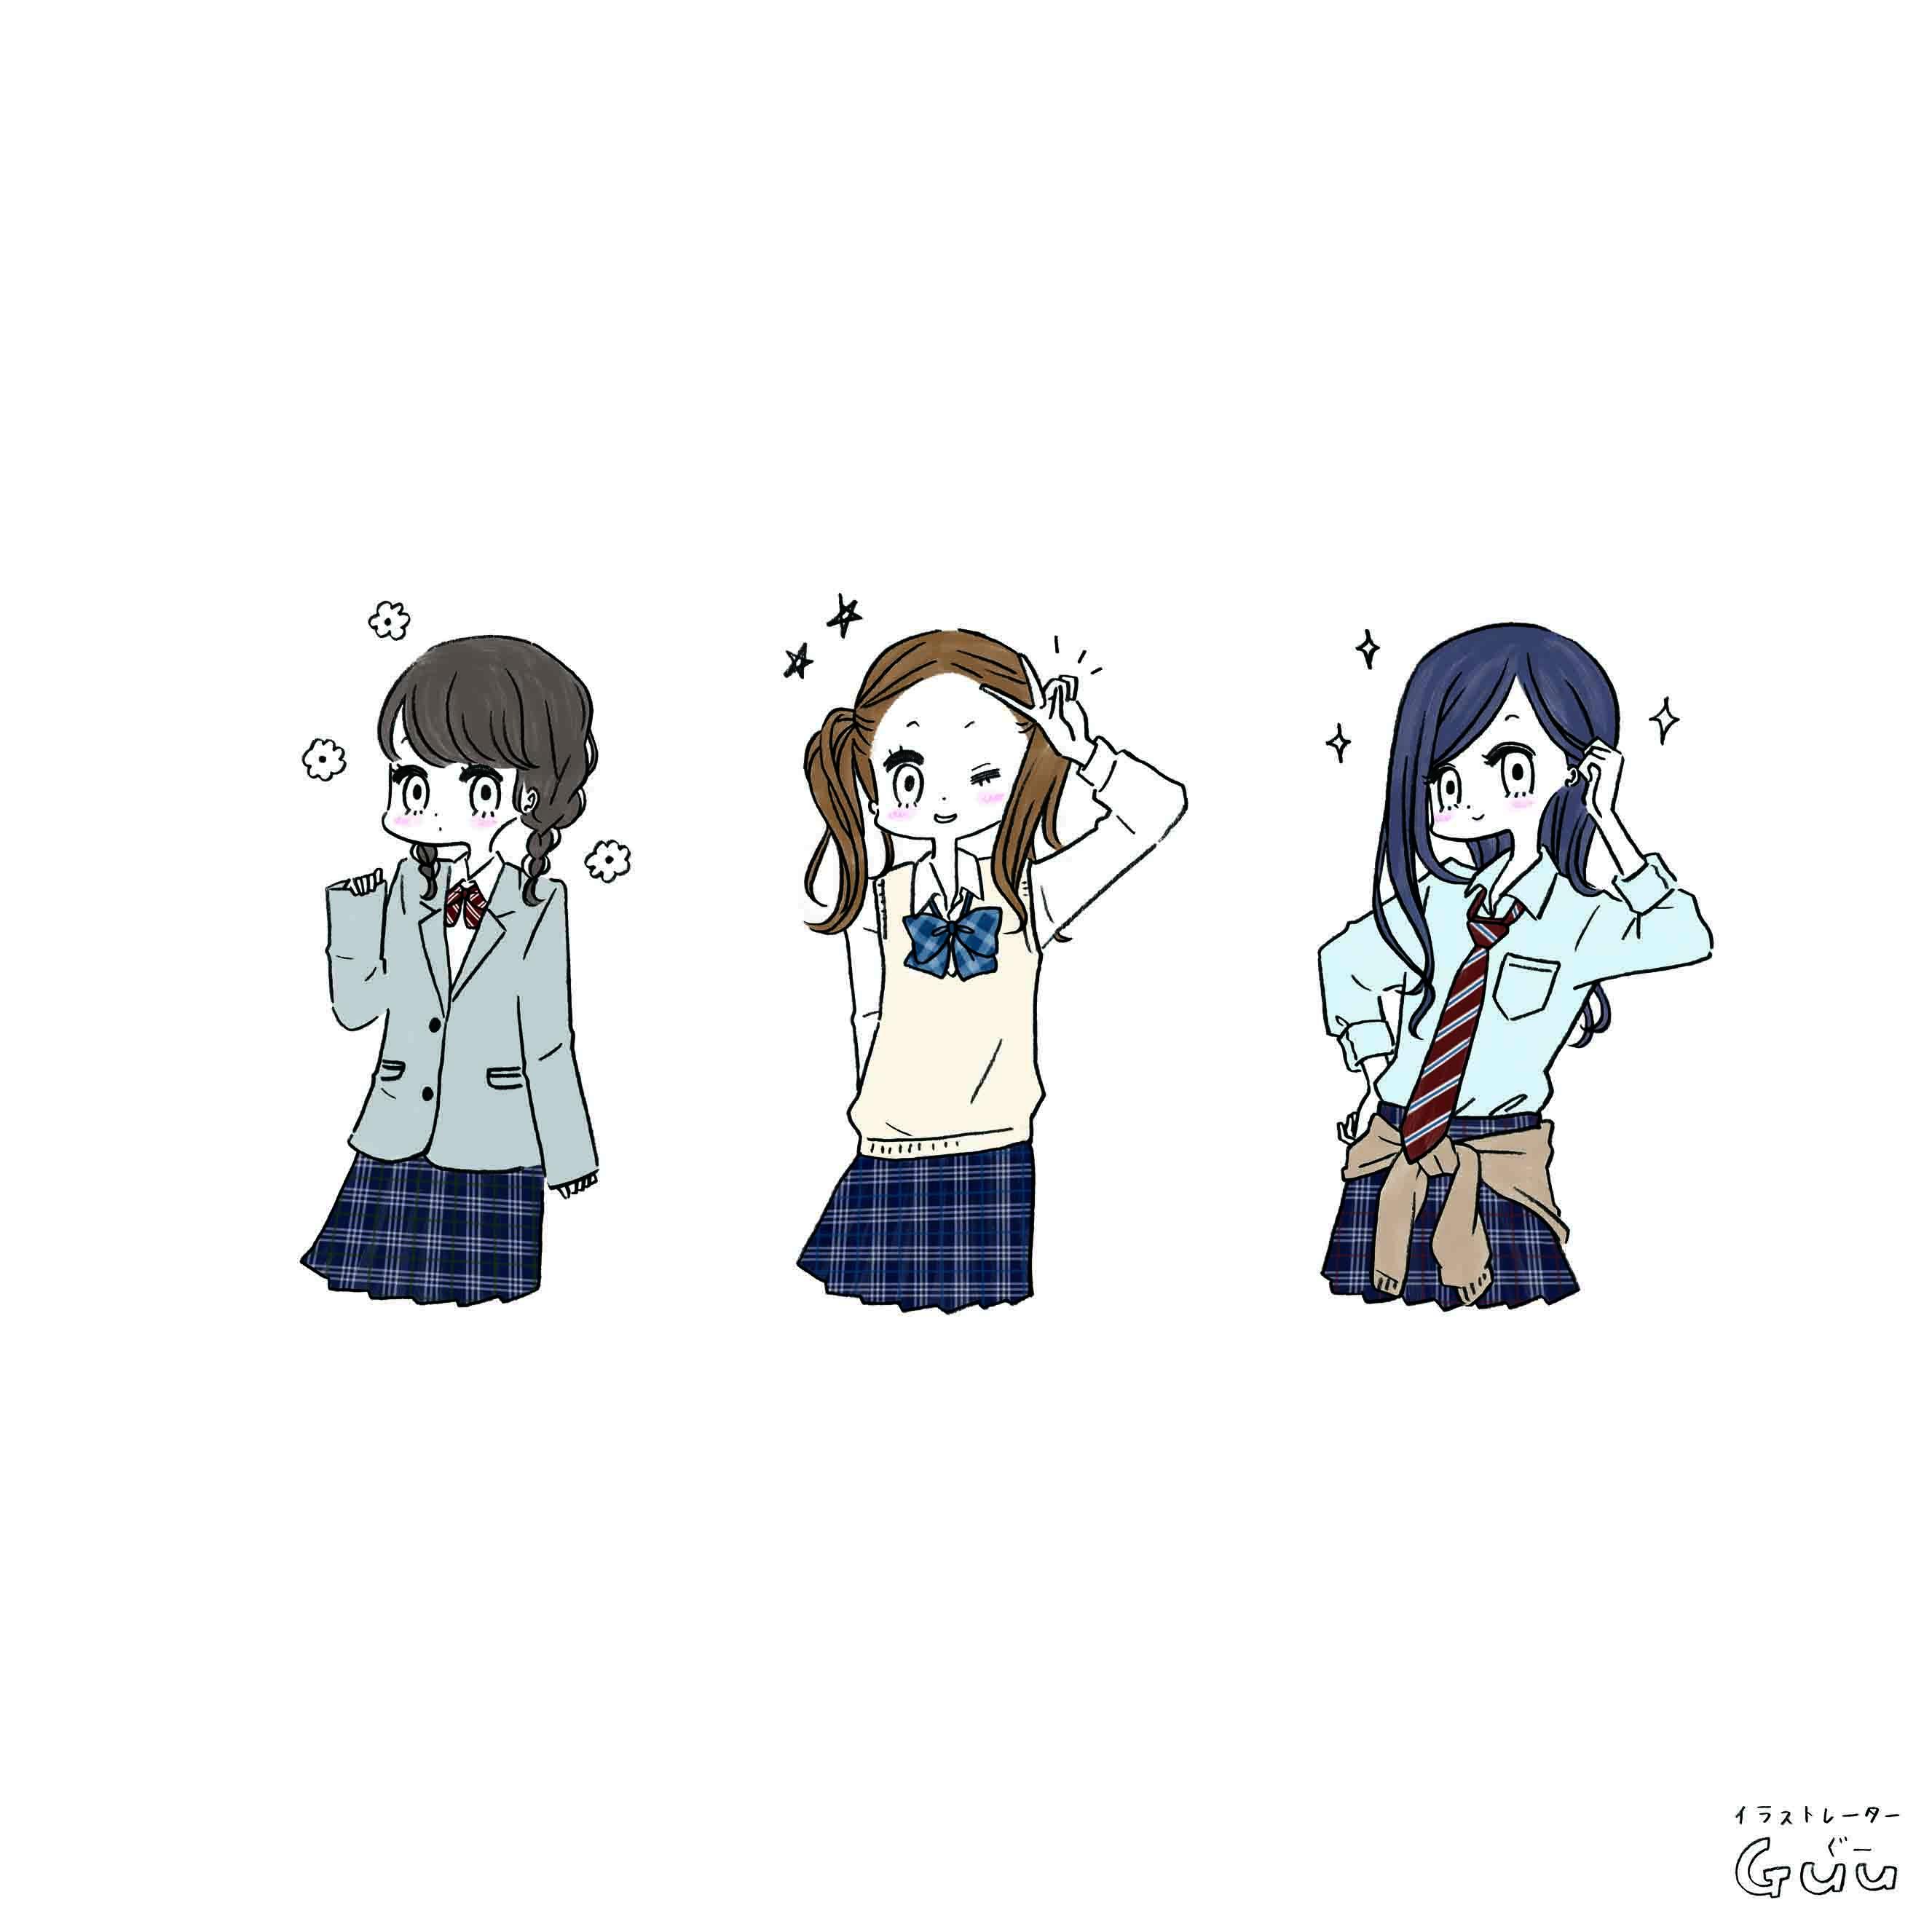 雑誌nicola(二コラ)4月号 中学生女の子